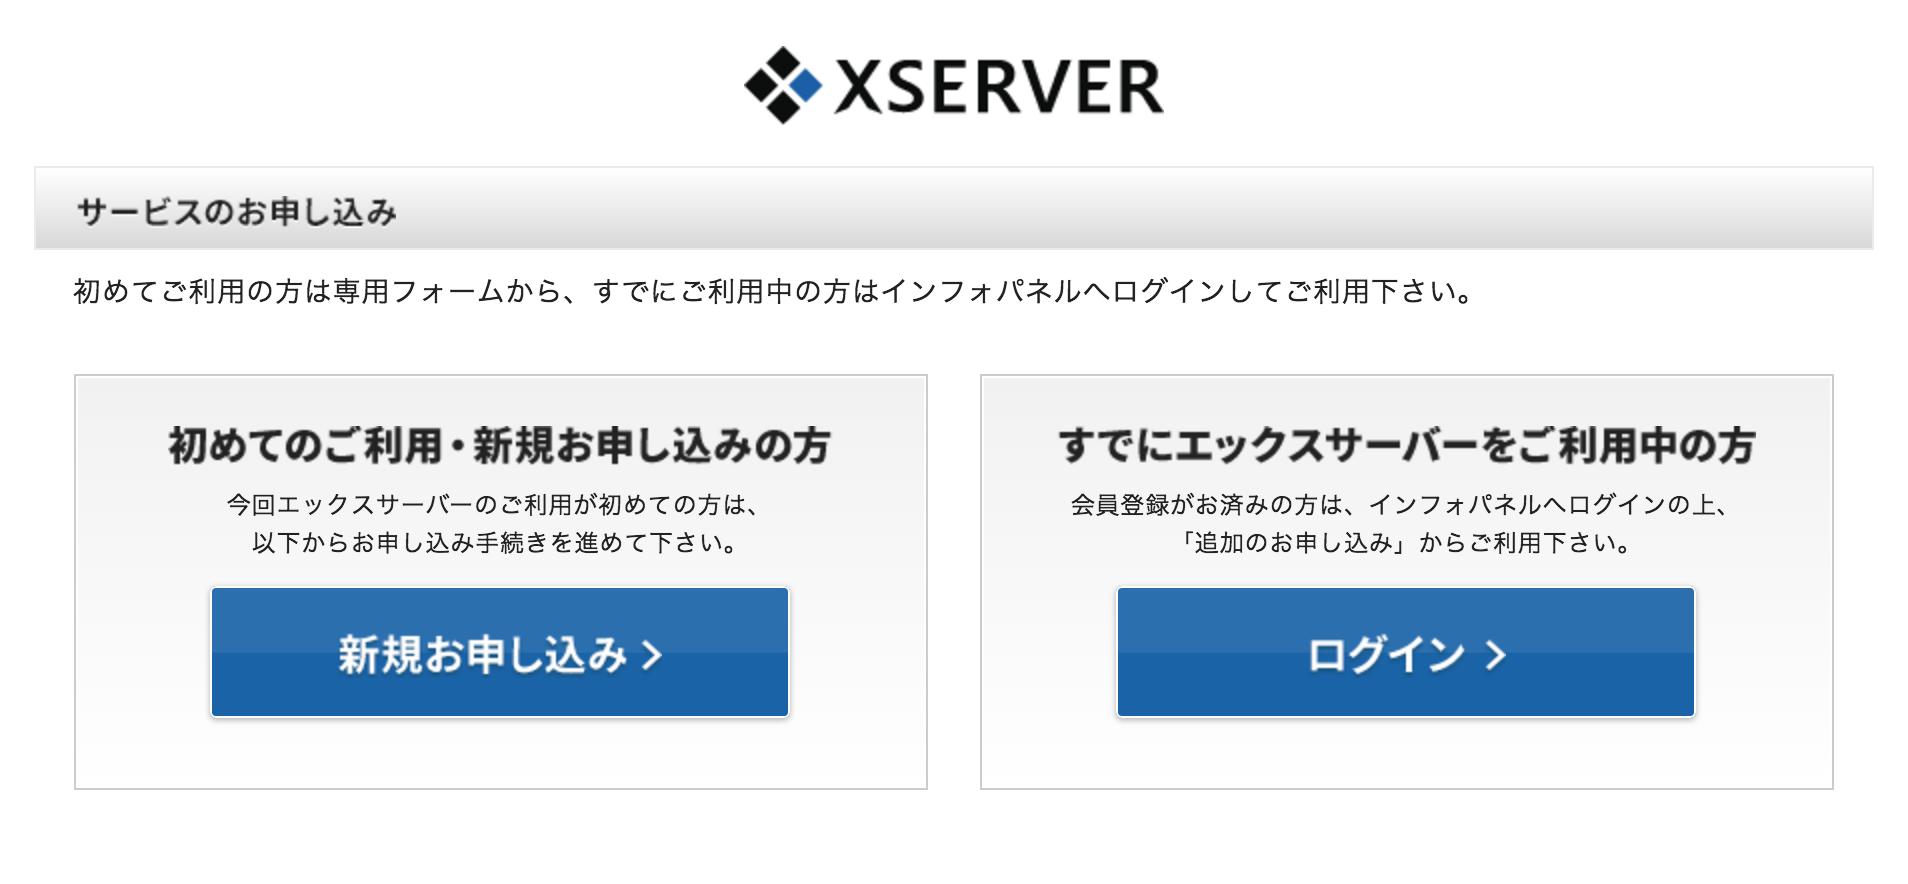 Xserver_003